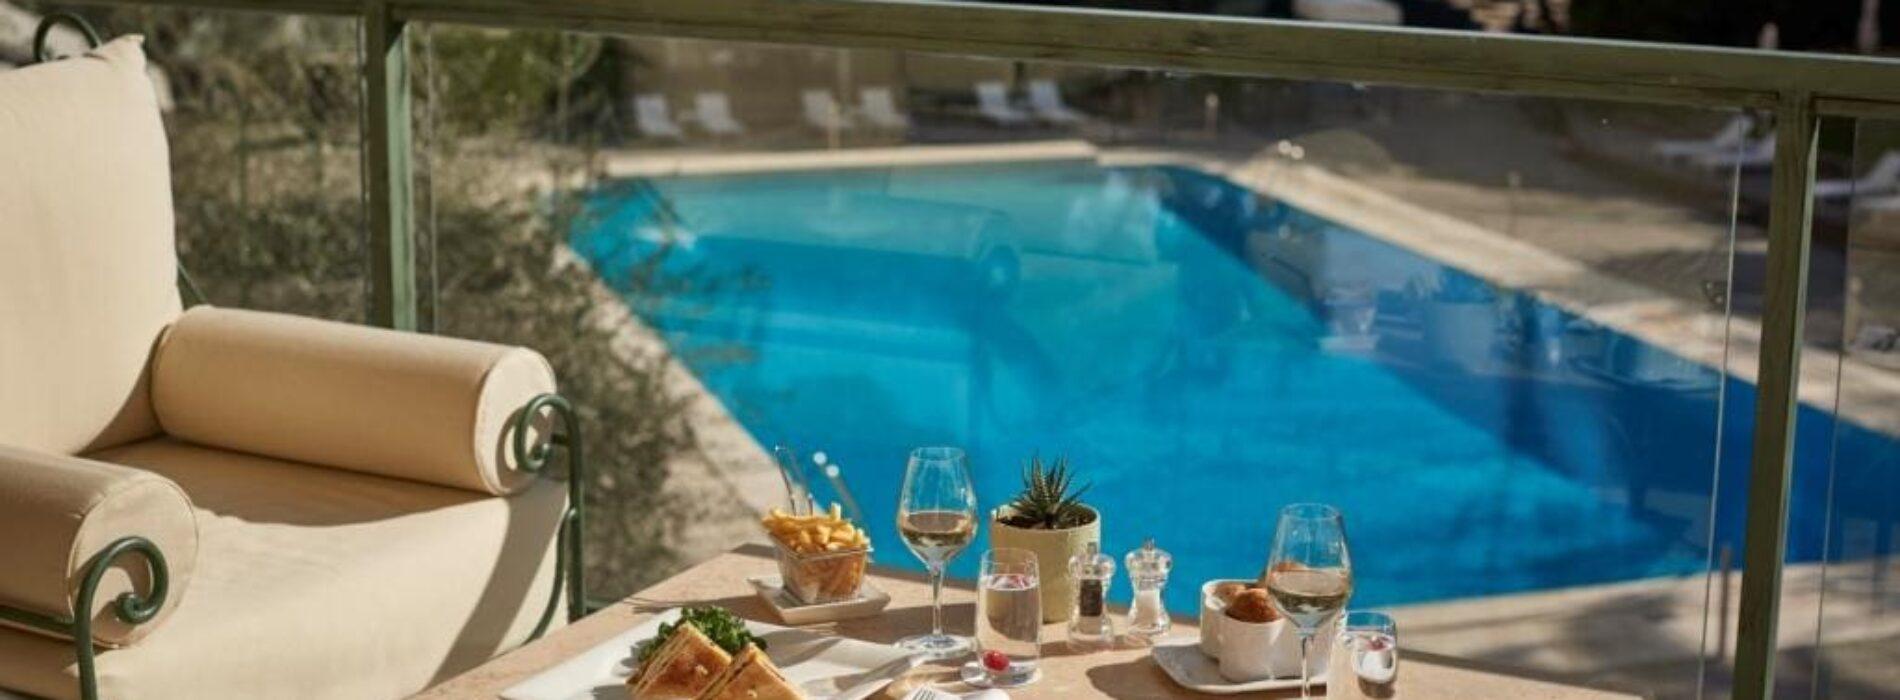 Ristoranti con piscina a Roma e dintorni: relax a bordo vasca per chi resta in città